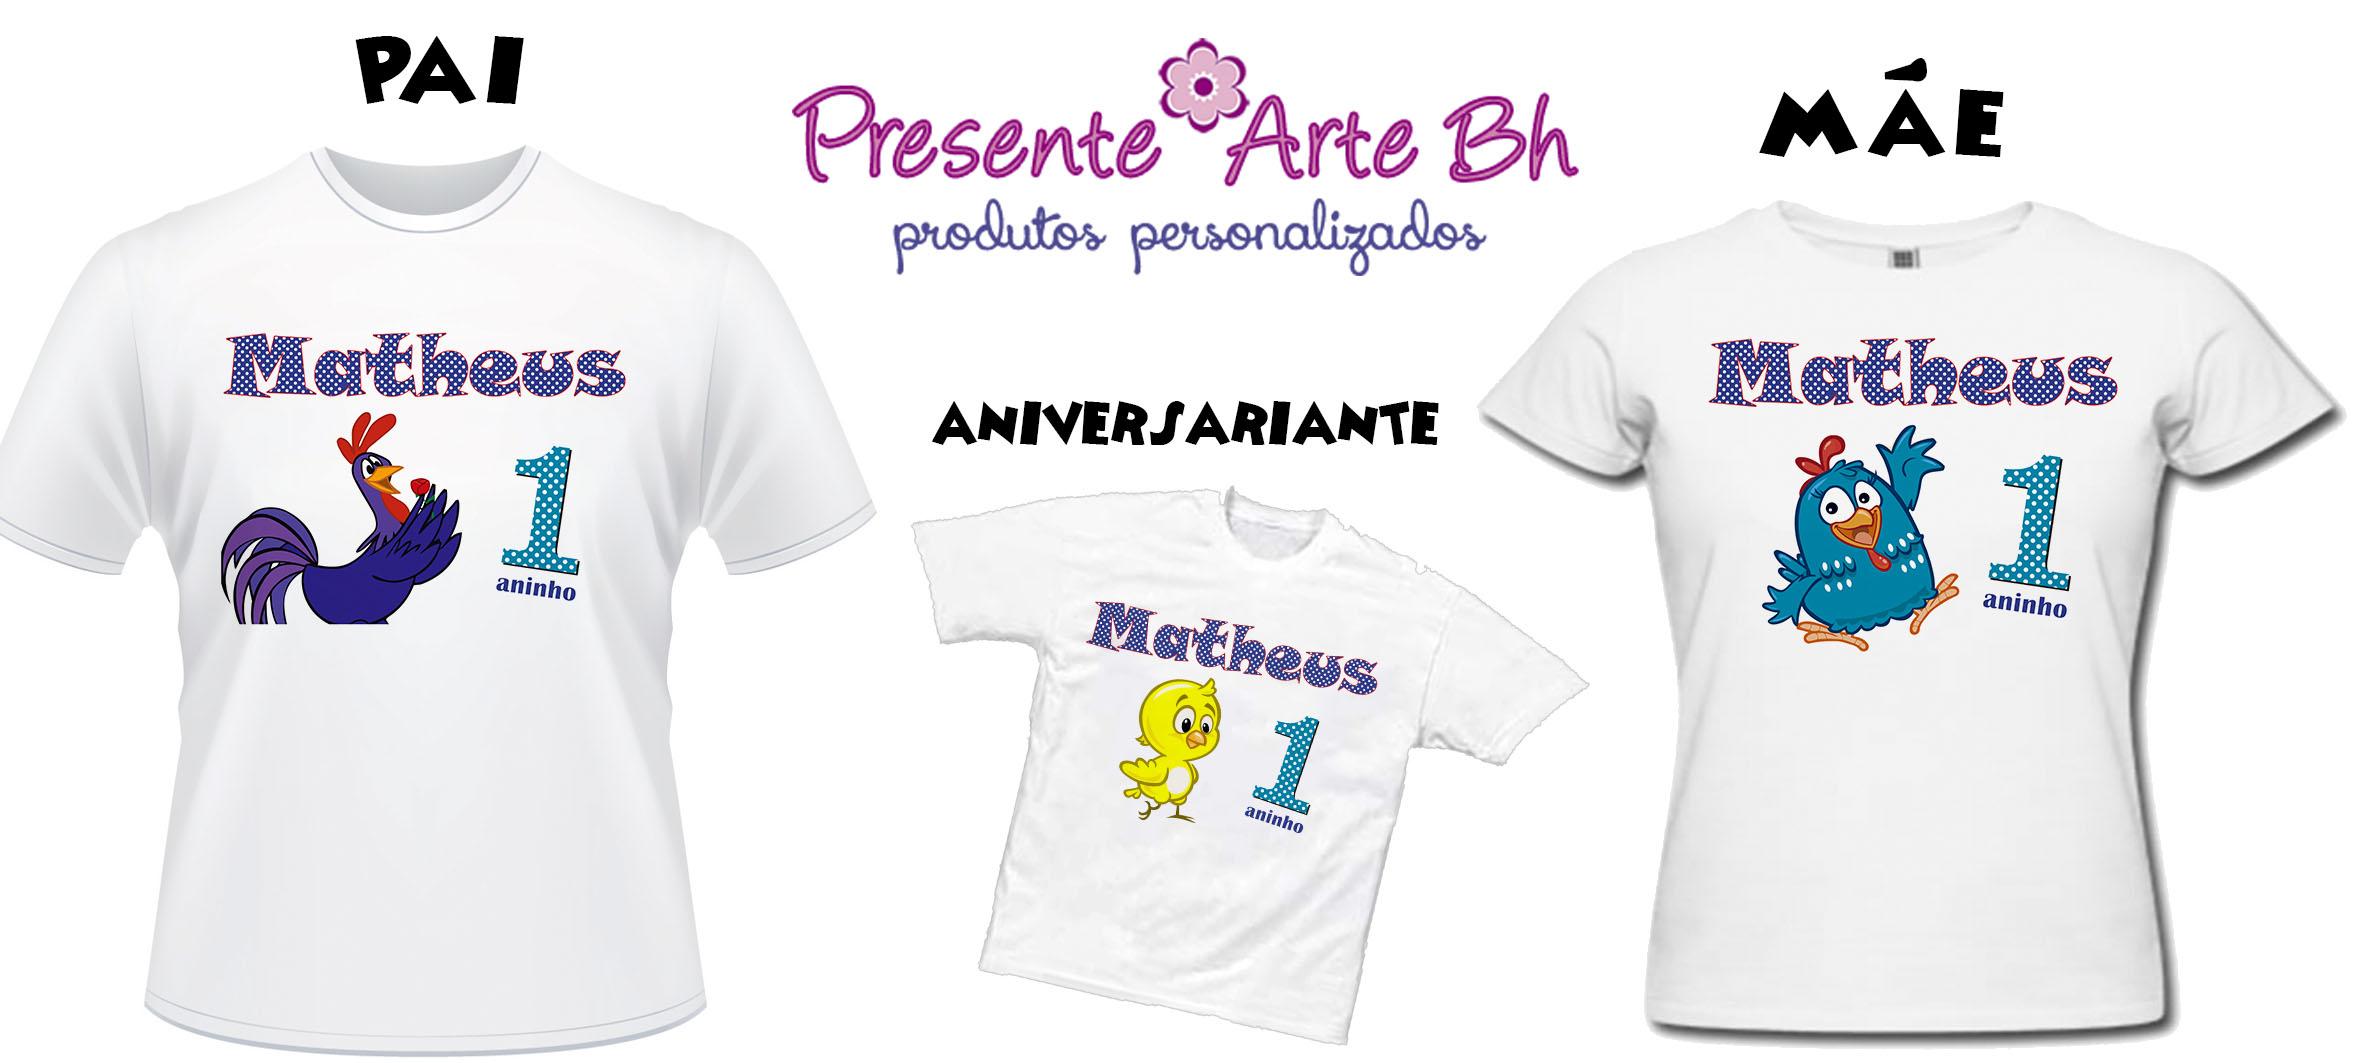 Kit Camisas Aniversário Pai Mãe E Filho No Elo7 Presentearte Bh